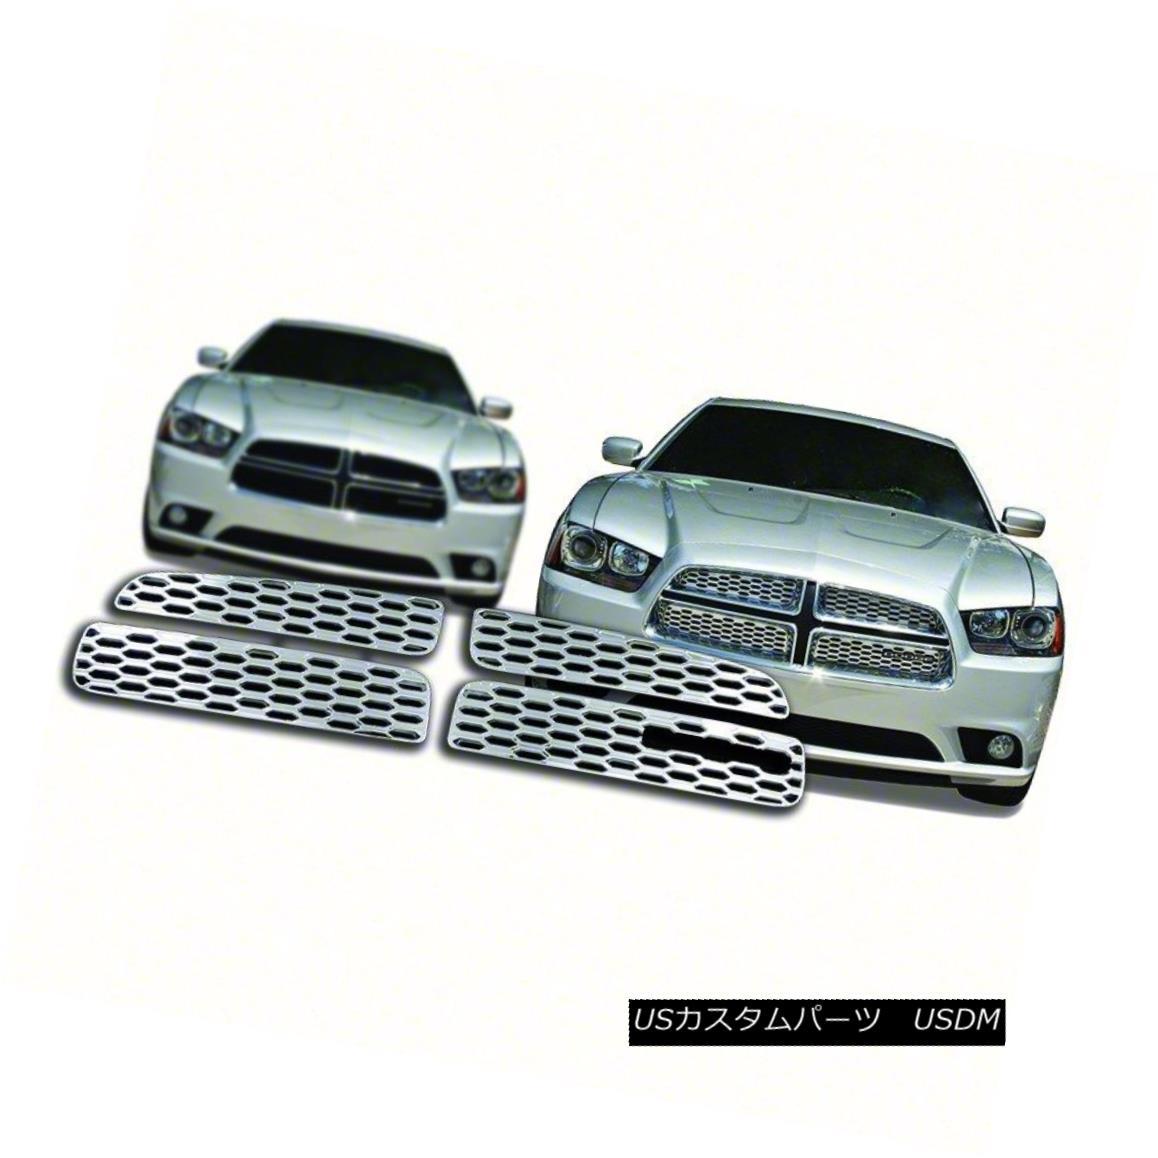 グリル Fits 12-14 Dodge Charger (SE, SXT, R/T) Chrome Grille Overlay IWCGI95 12-14ダッジチャージャー(SE、SXT、R / T)に適合クロムグリルオーバーレイIWCGI95